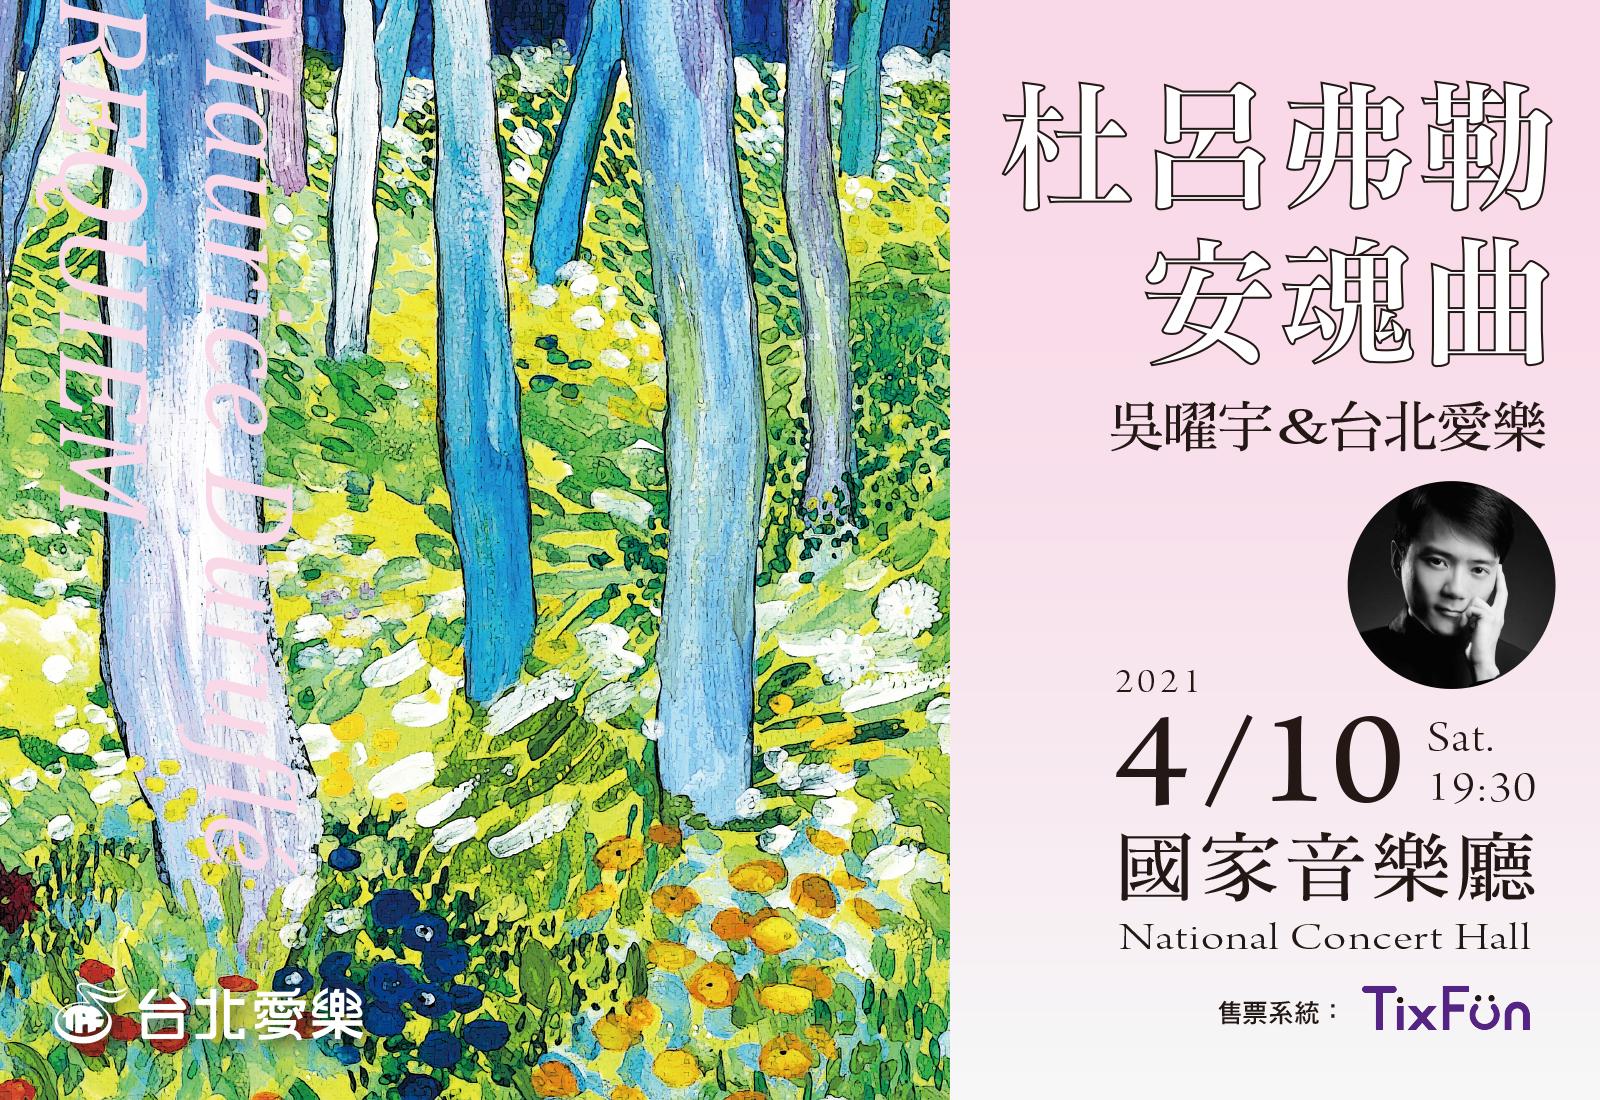 4/10 吳曜宇X台北愛樂—杜呂弗勒《安魂曲》